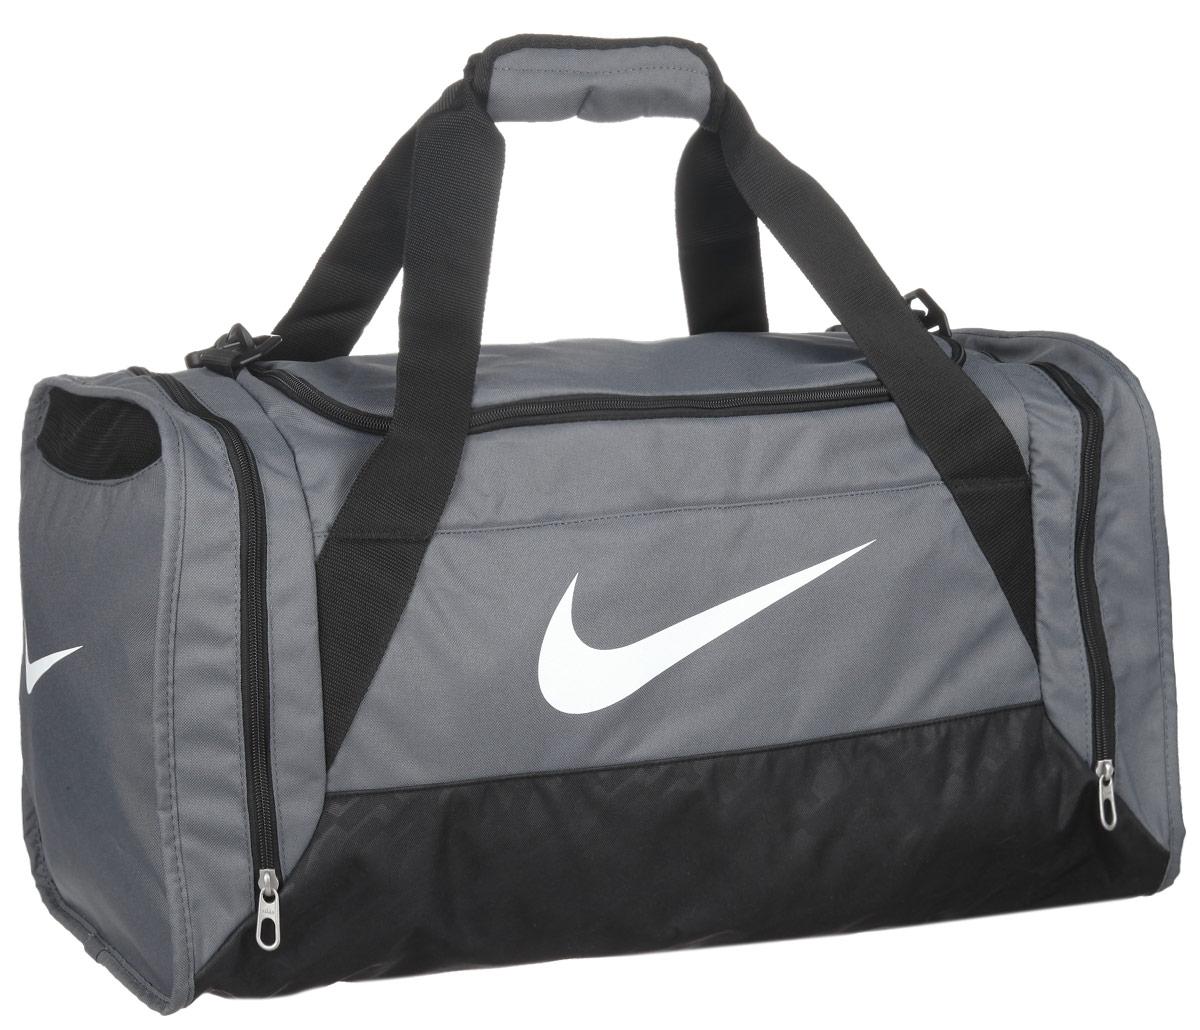 Сумка спортивная Nike Brasilia 6 Medium Duffel, цвет: серый, черный. BA4829-074BA4829-074Вместительная спортивная сумка Brasilia 6 Medium Duffel изготовлена из прочного полиэстера. Изделие имеет одно отделение, которое закрывается на застежку-молнию. Внутри имеется нашивной карман на липучке. Снаружи, по бокам расположены накладные карманы на застежках молниях, один из которых с сетчатым окошком и предназначен для обуви. Изделие оснащено двумя удобными текстильными ручками и съемным текстильным плечевым ремнем регулируемой длины. С одной из боковых сторон предусмотрена дополнительная текстильная ручка. Стильная сумка Nike Brasilia 6 Medium Duffel станет неотъемлемой частью спортивного гардероба.